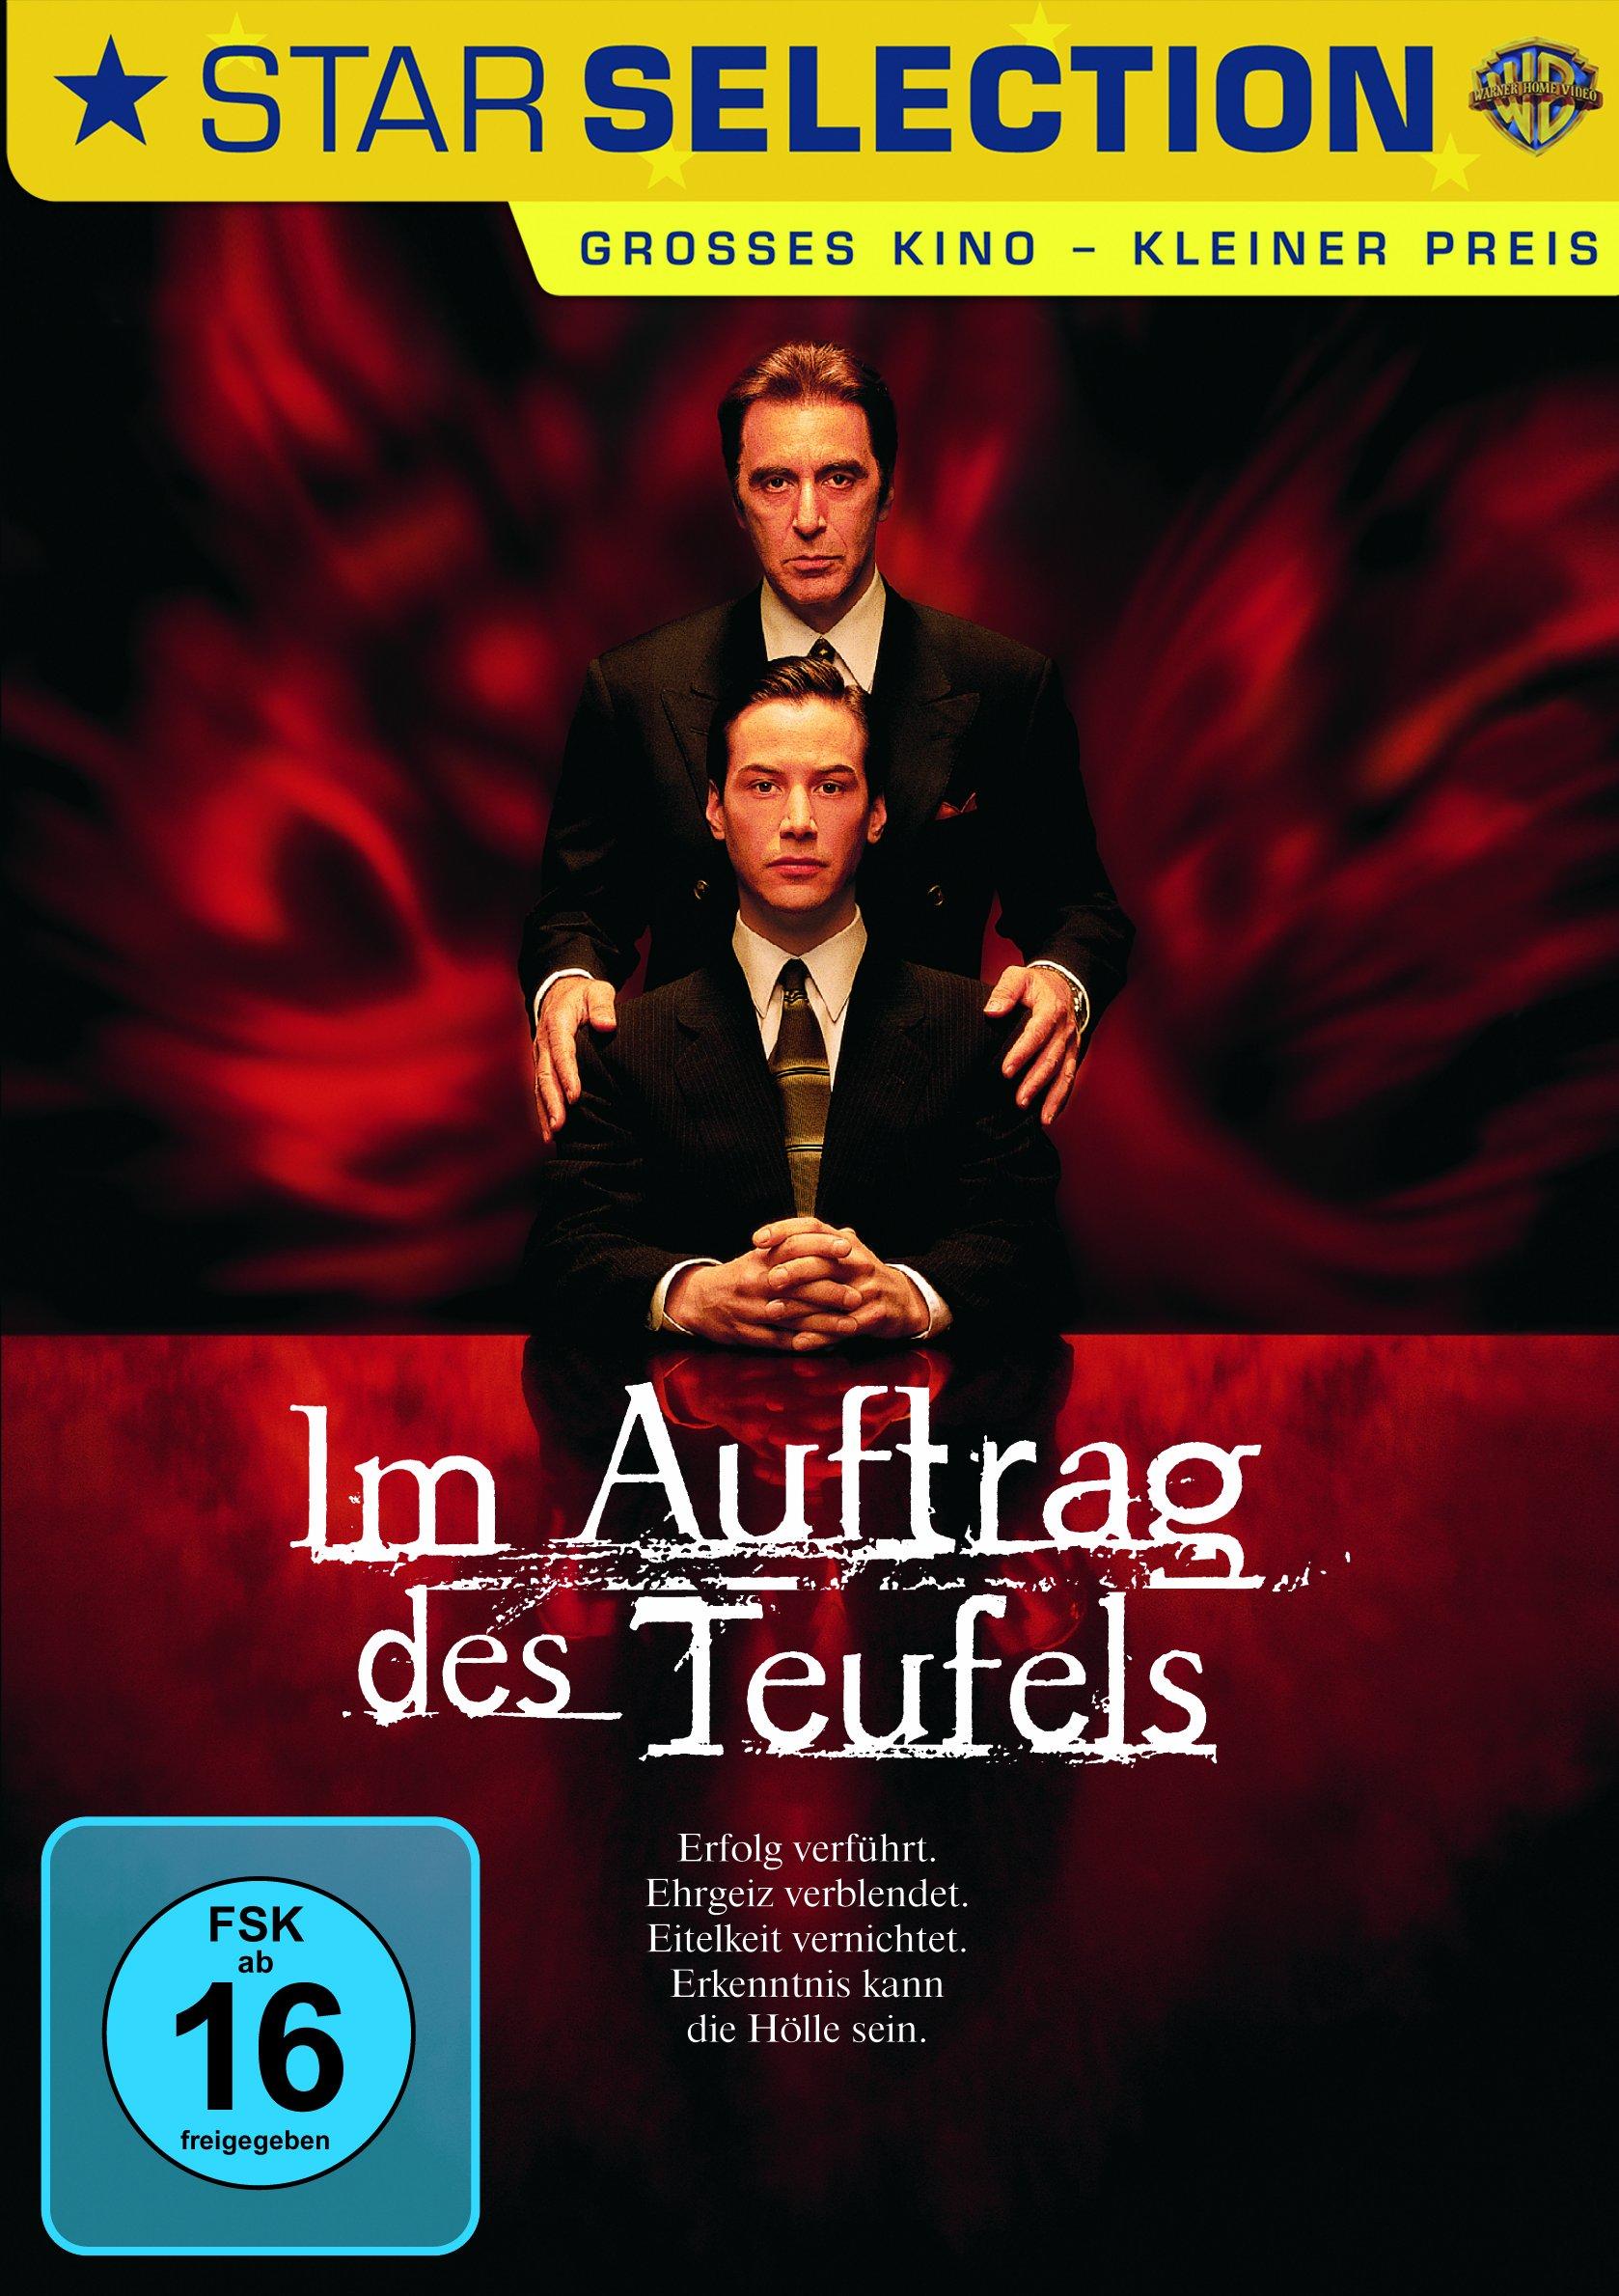 : Im Auftrag des Teufels German 1997 Ac3 DvdriP x264 iNternal-CiHd